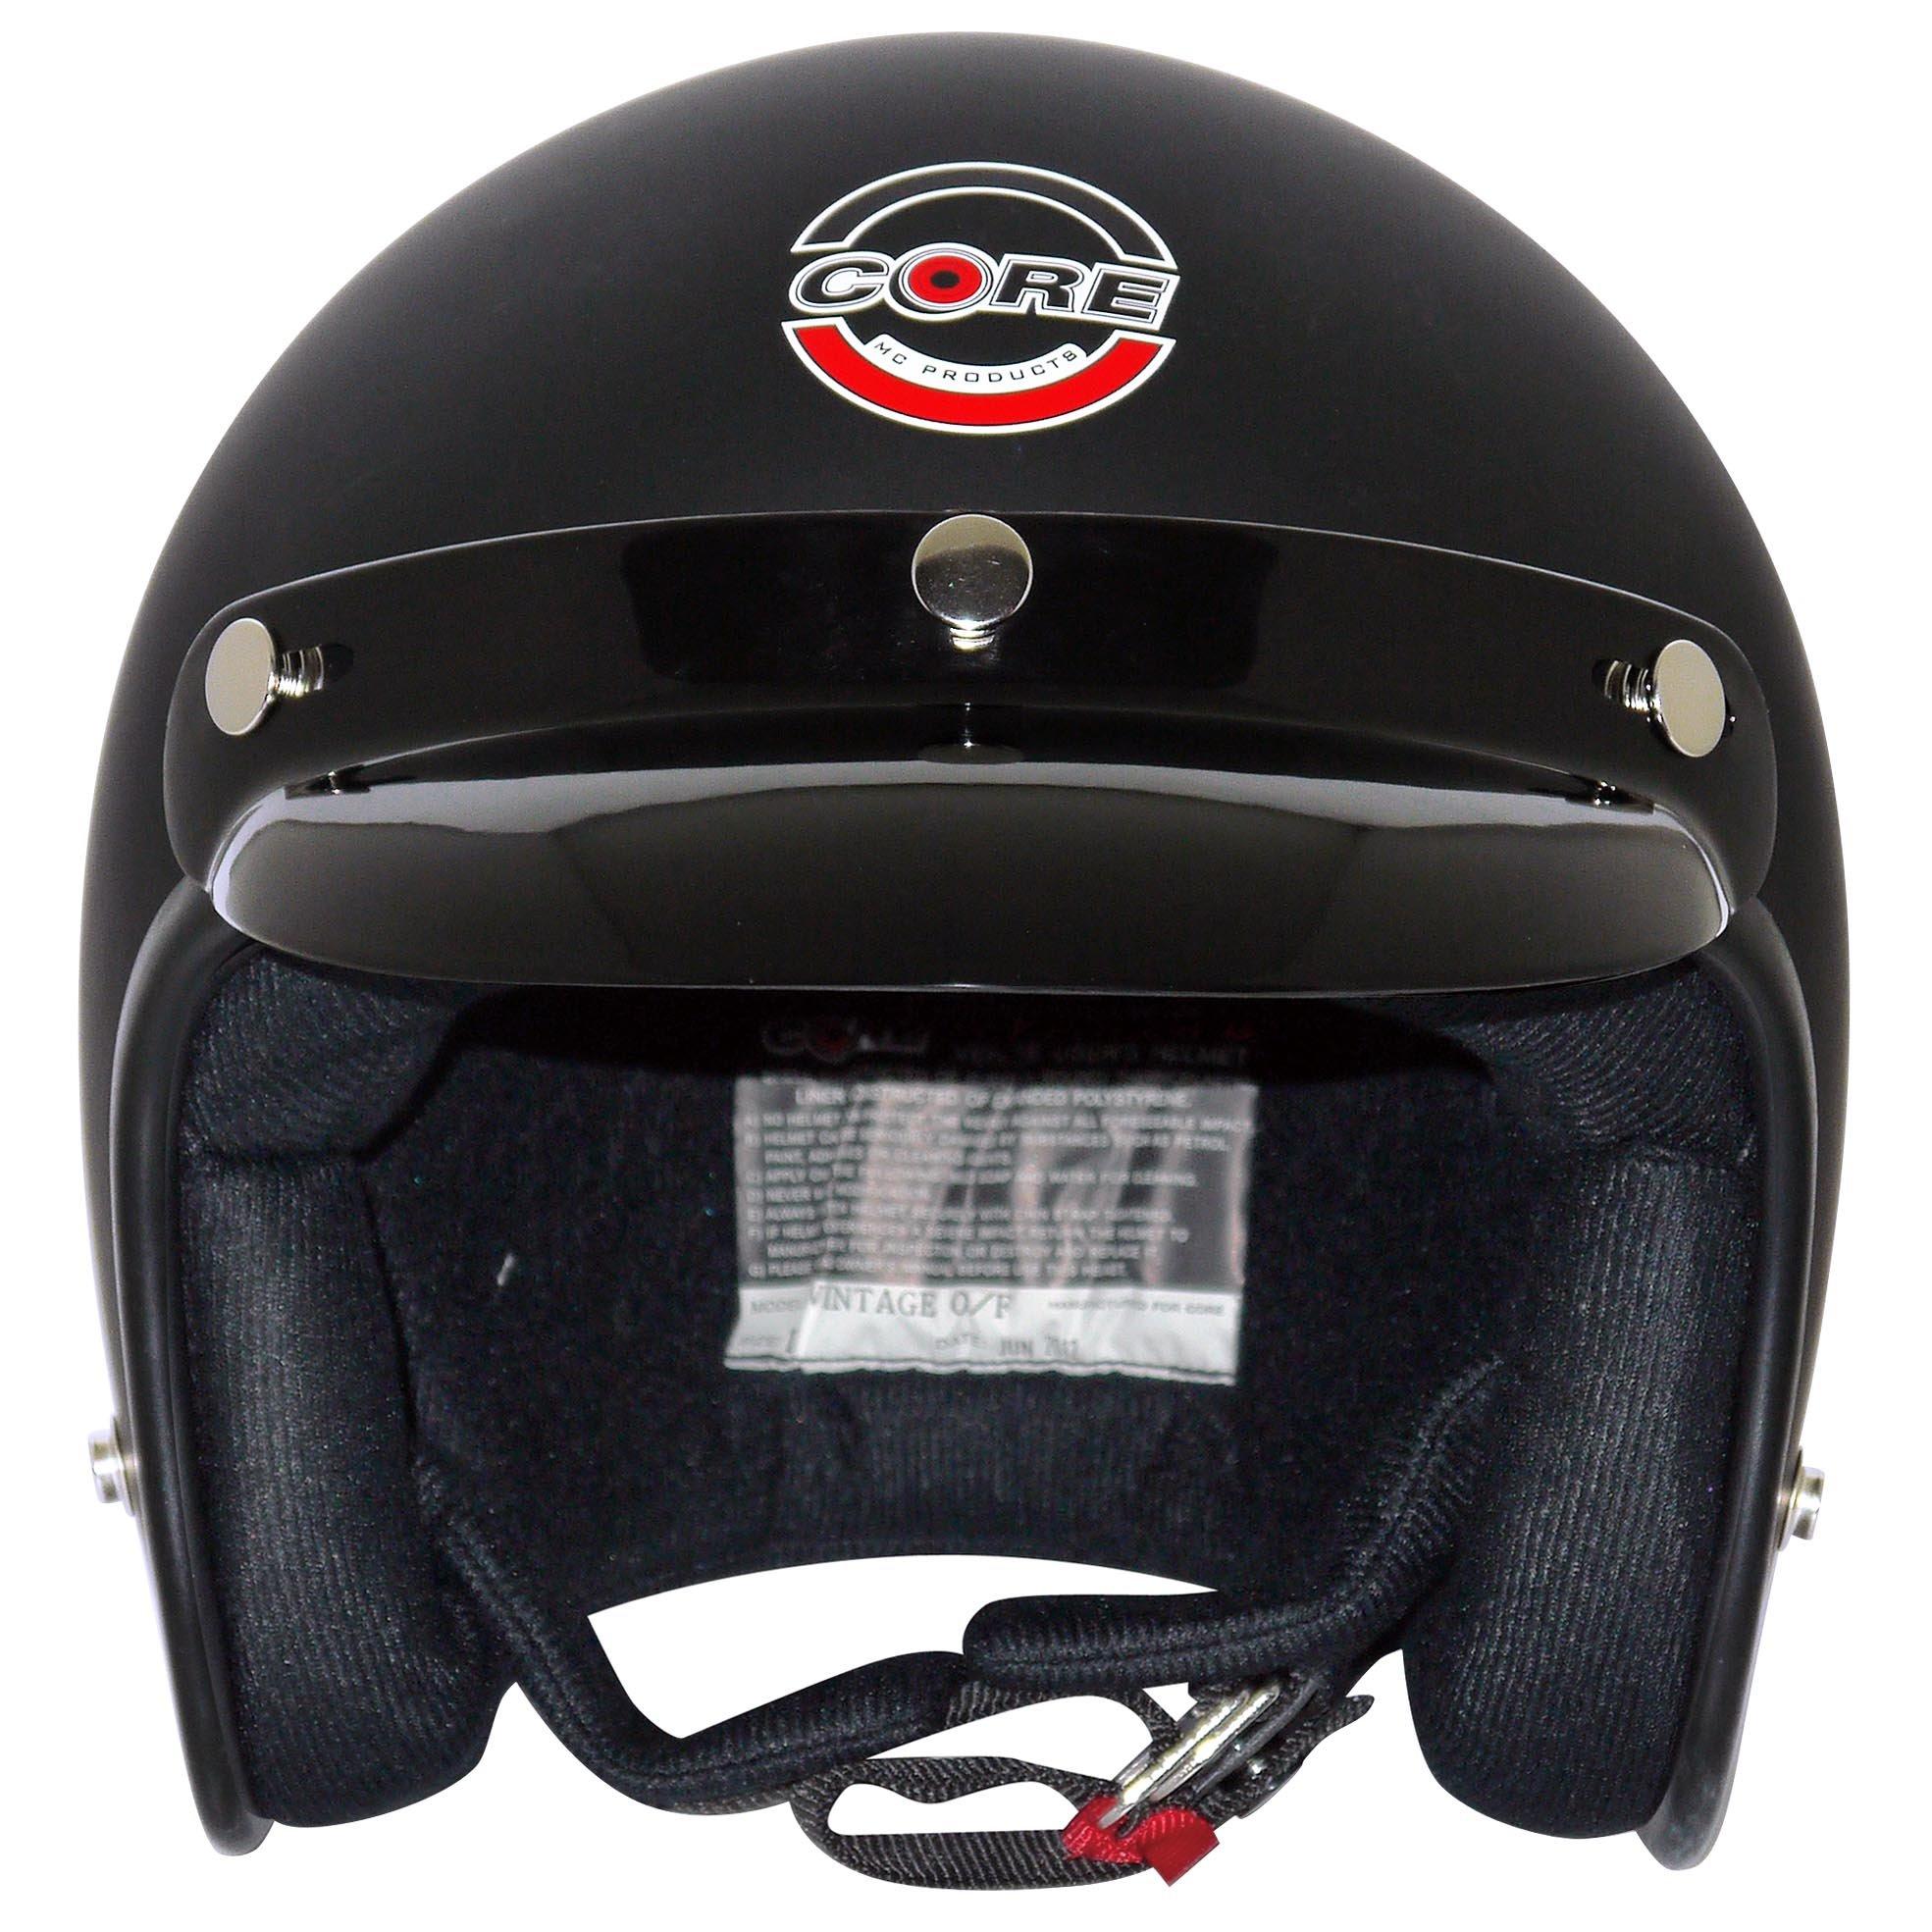 Core Vintage Open Face Helmet (Flat Black, X-Large) by Core (Image #2)